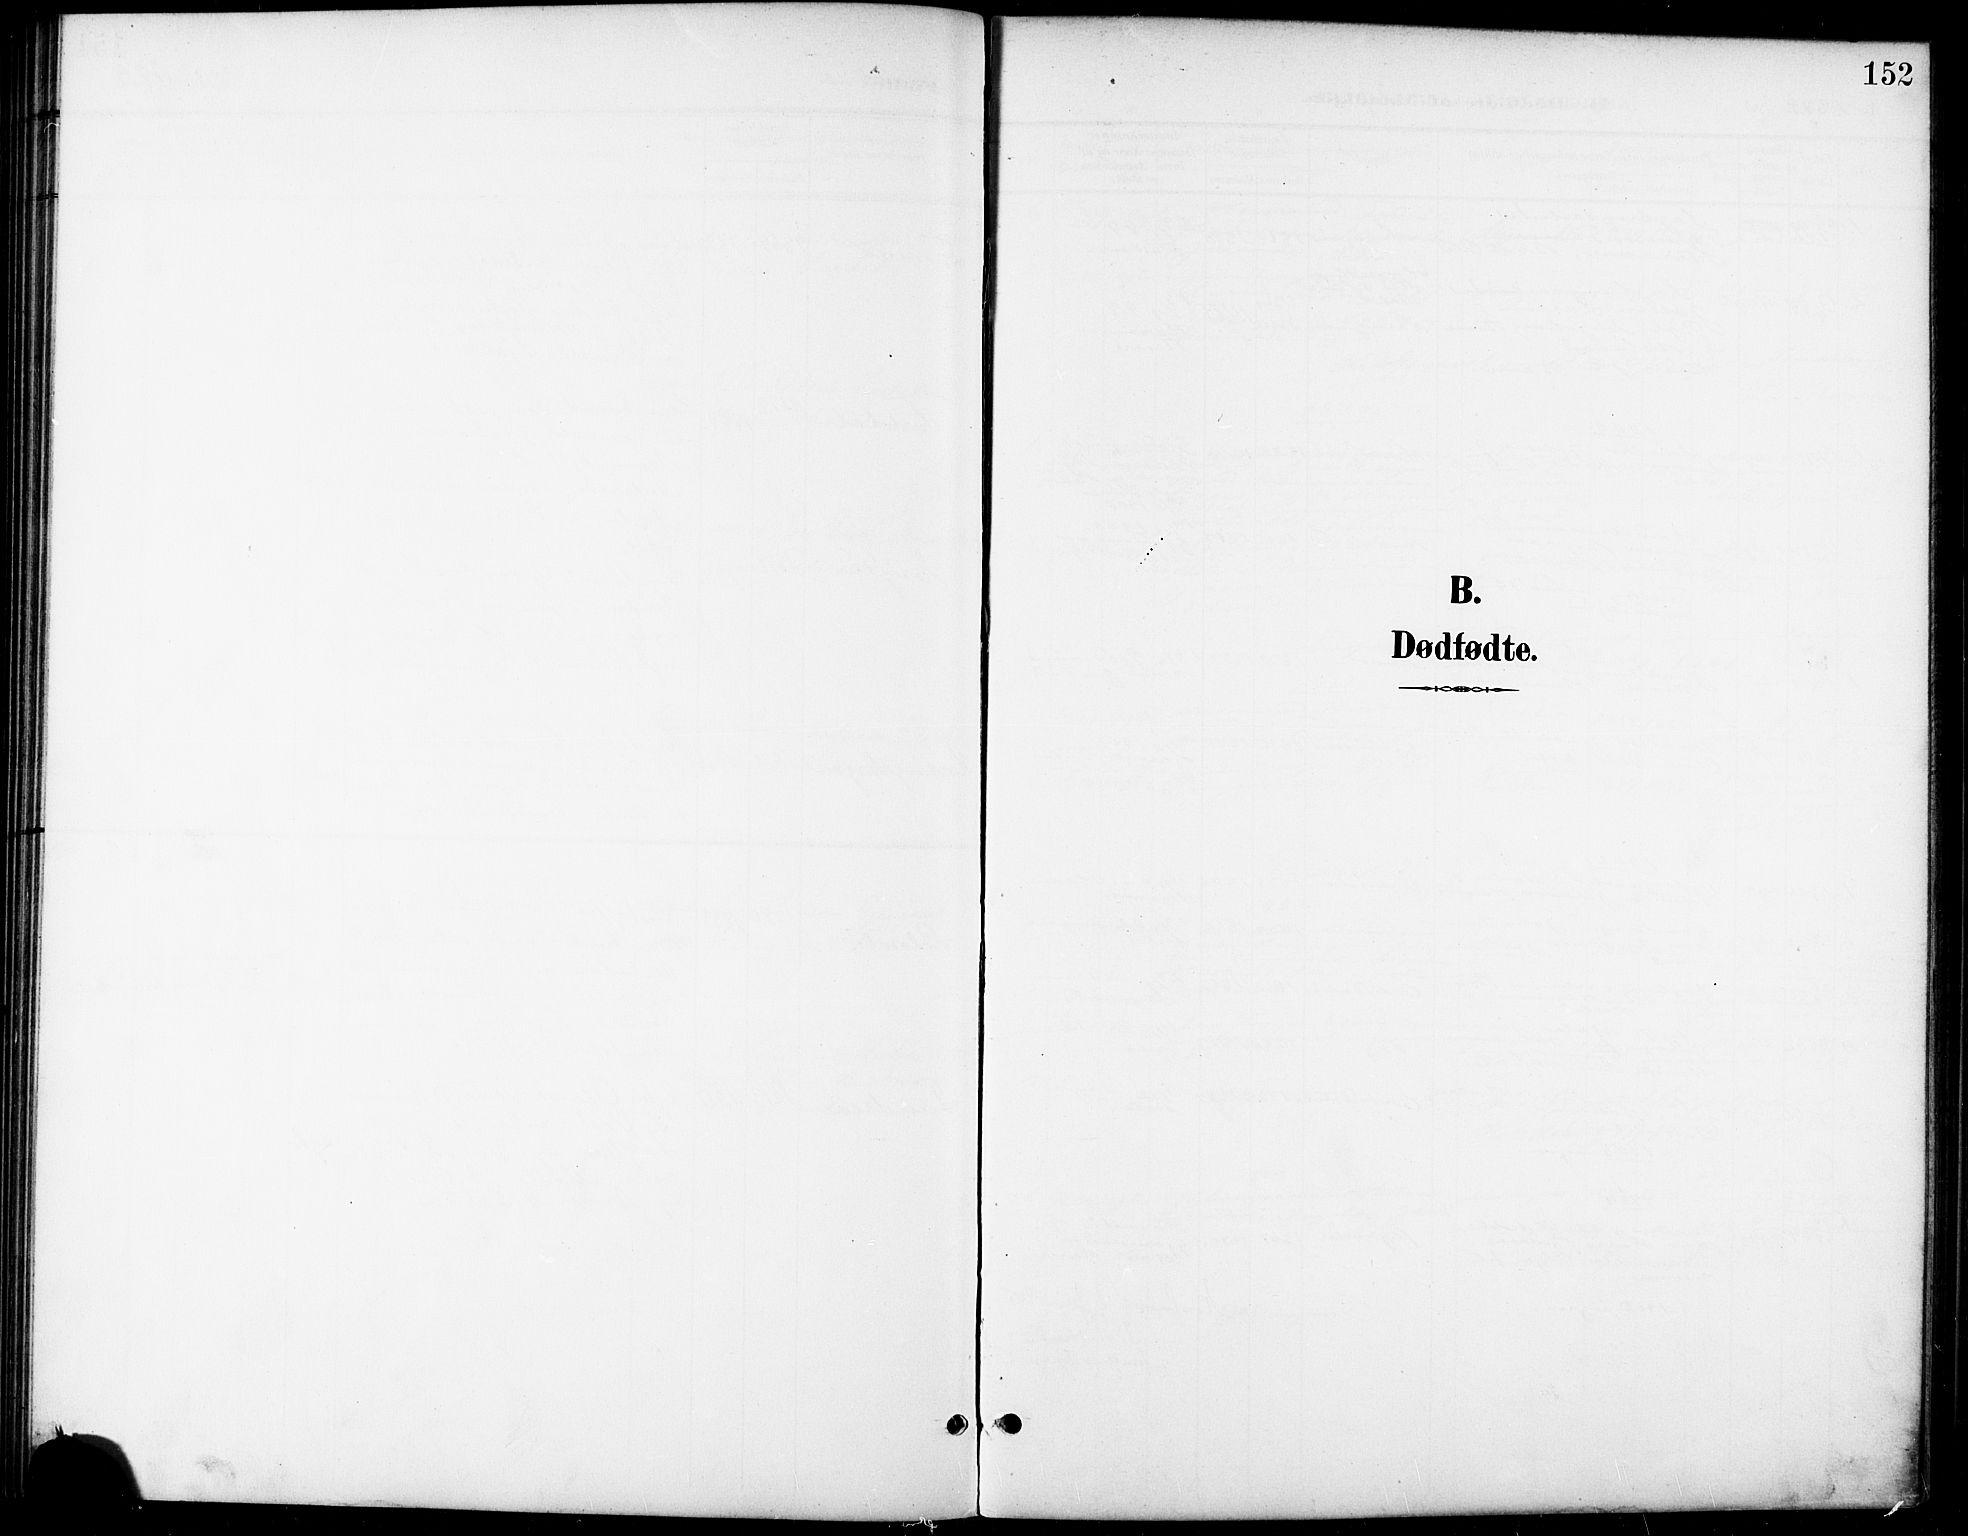 SAT, Ministerialprotokoller, klokkerbøker og fødselsregistre - Sør-Trøndelag, 668/L0819: Klokkerbok nr. 668C08, 1899-1912, s. 152